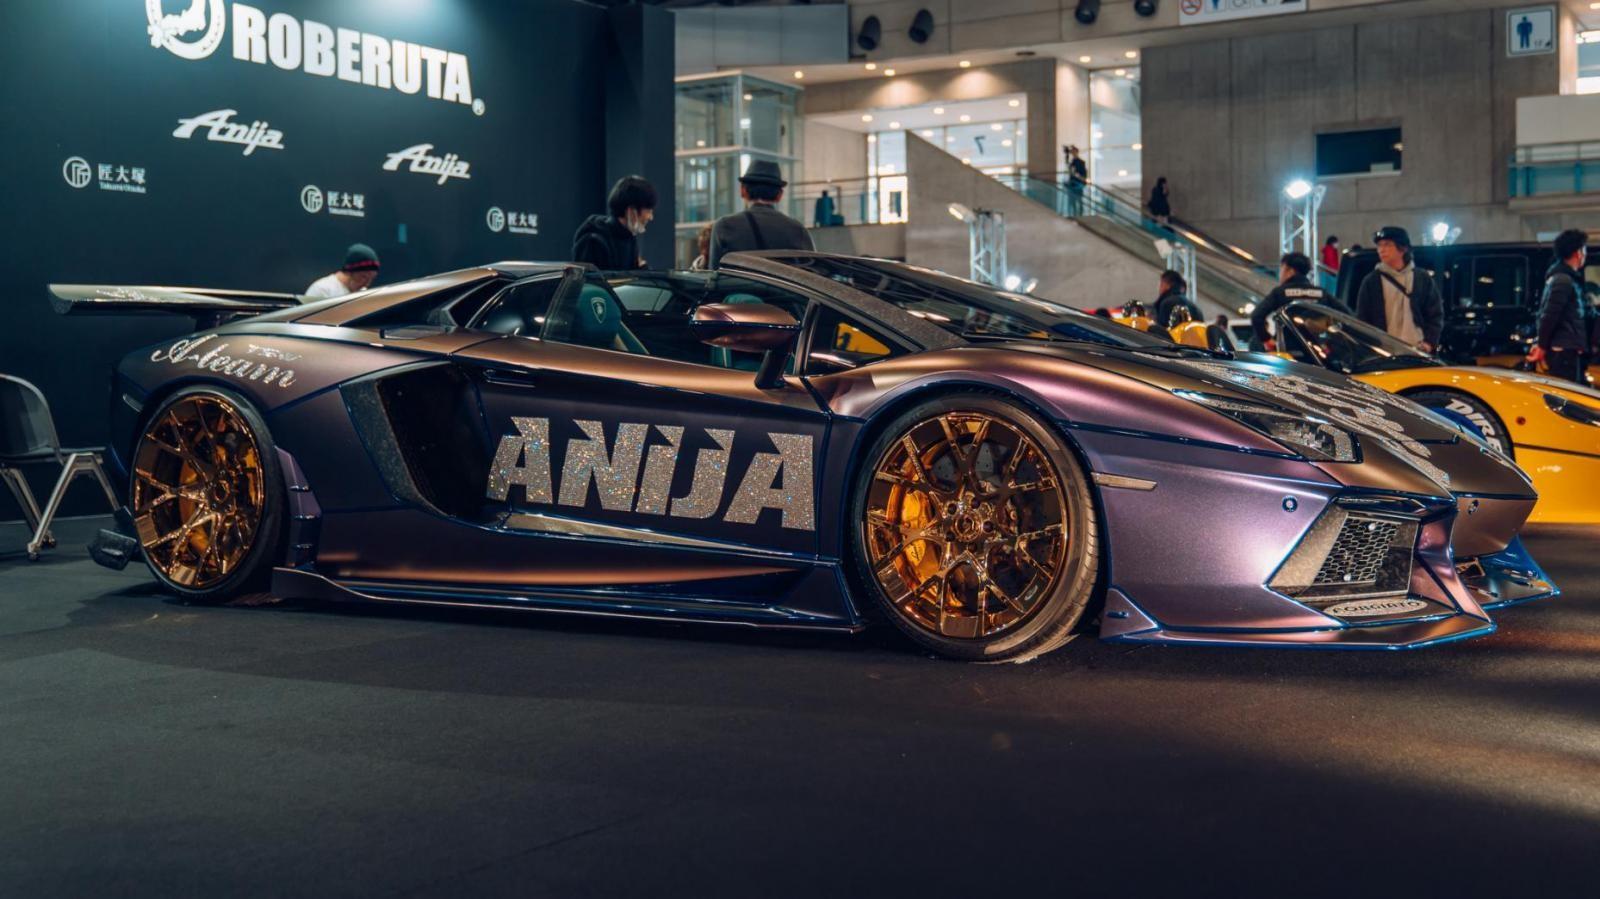 Rớt hàm trước những chiếc xế độ điên rồ nhất Tokyo Auto Salon 2020 - 10